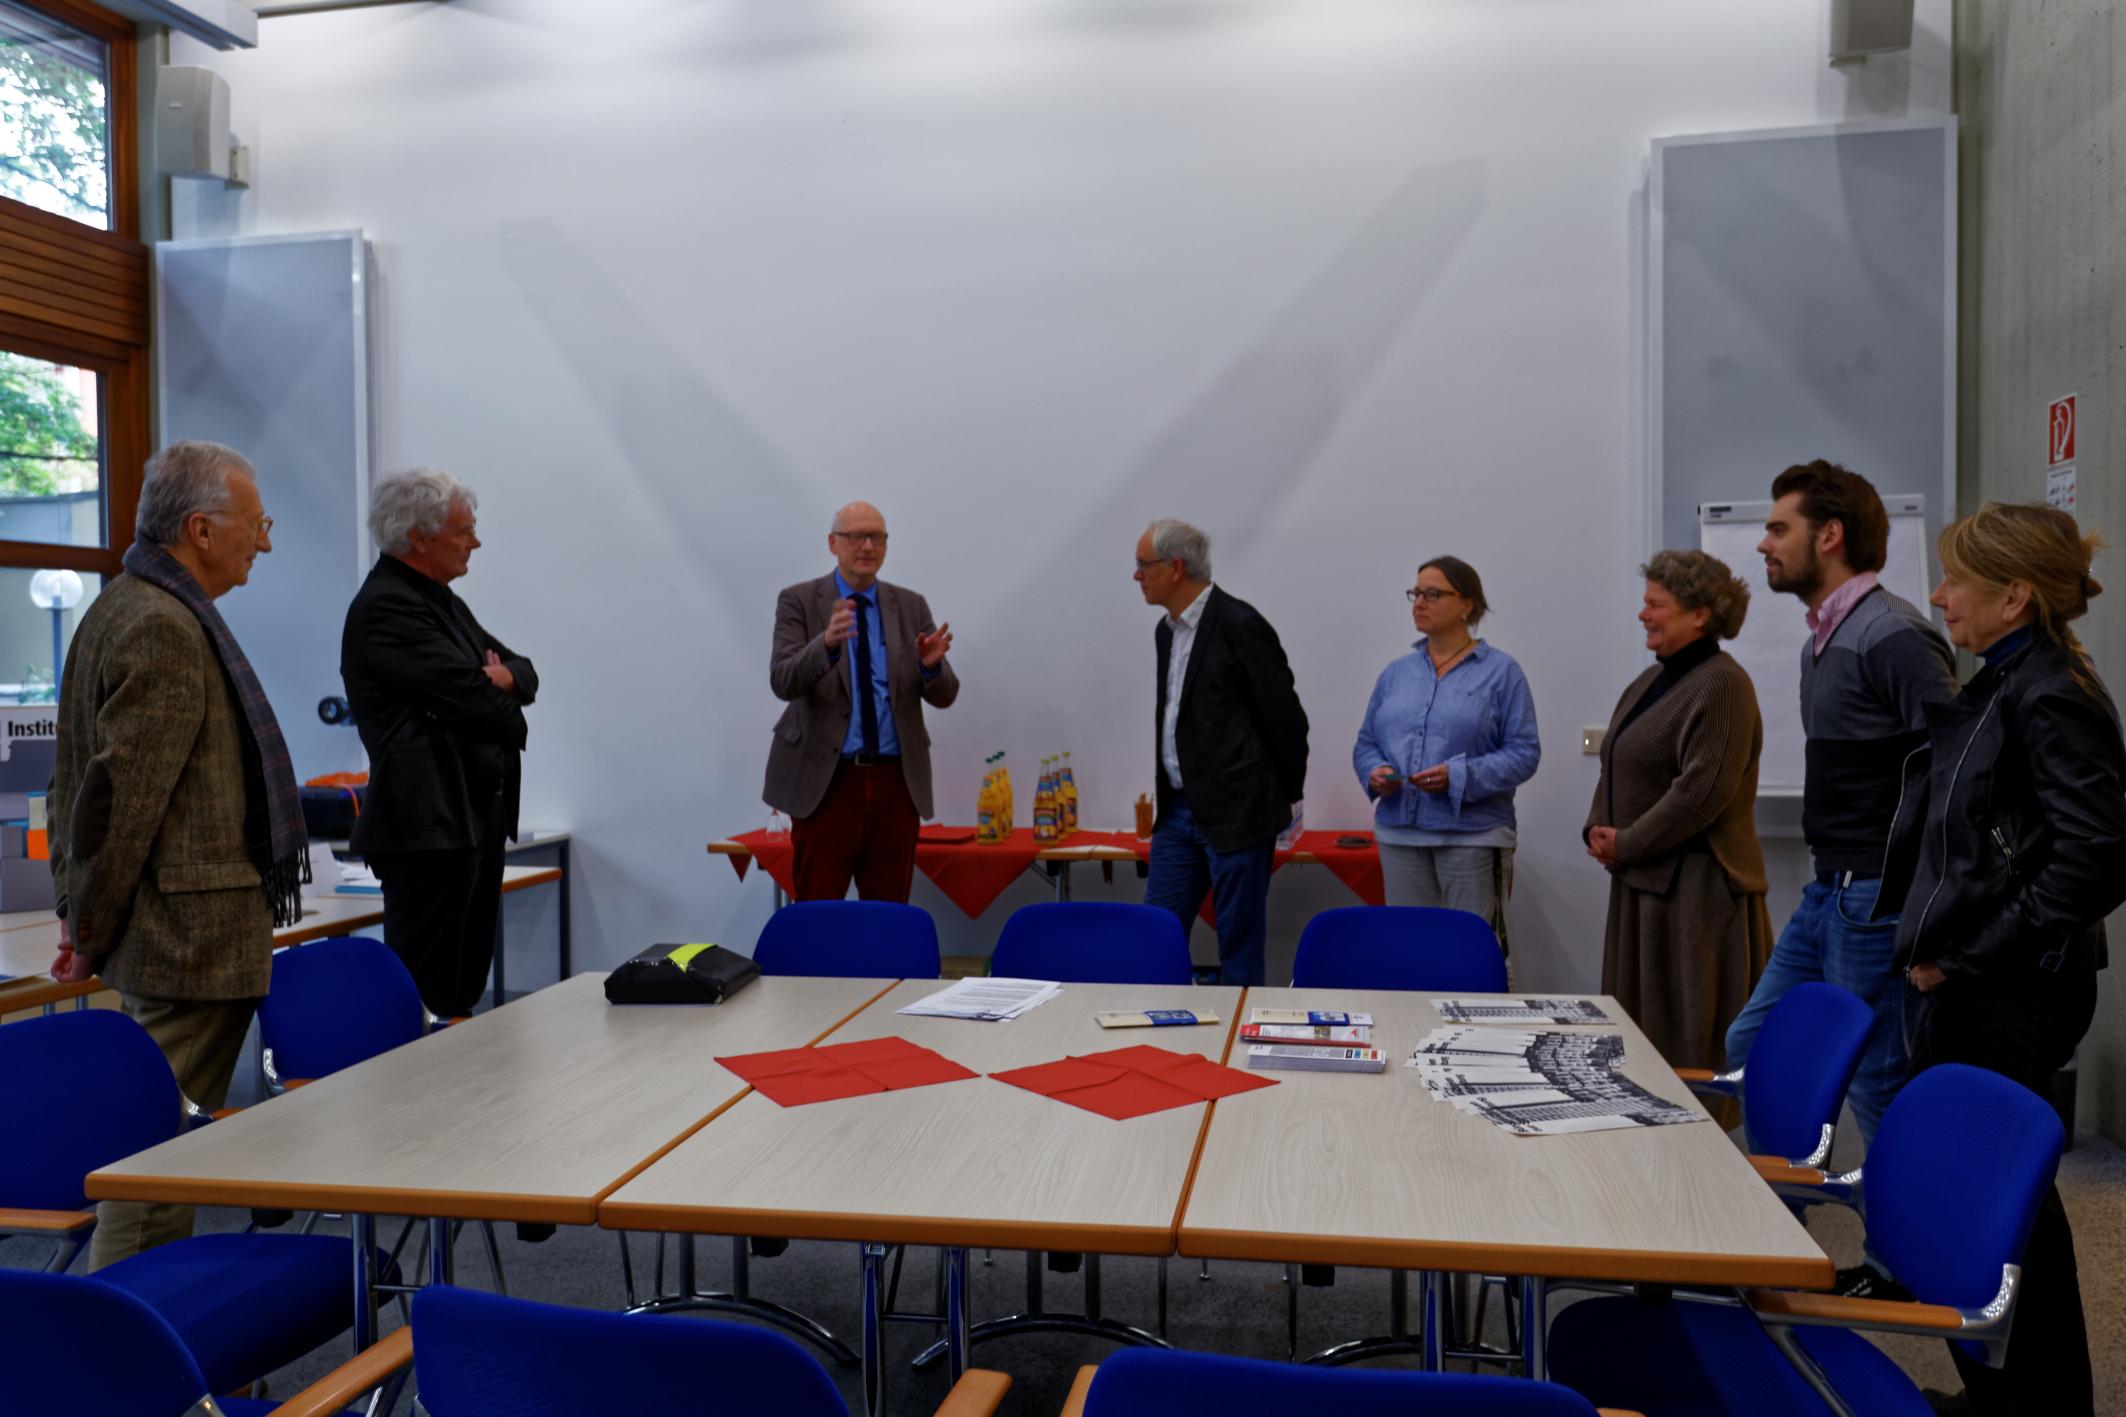 M. Brechtken (3.v.l.) und U. Elbracht (4.v.r) diskutieren mit VertreterInnen des Werkbund Bayern. Foto: Alexander M. Klotz. Alle Rechte vorbehalten.